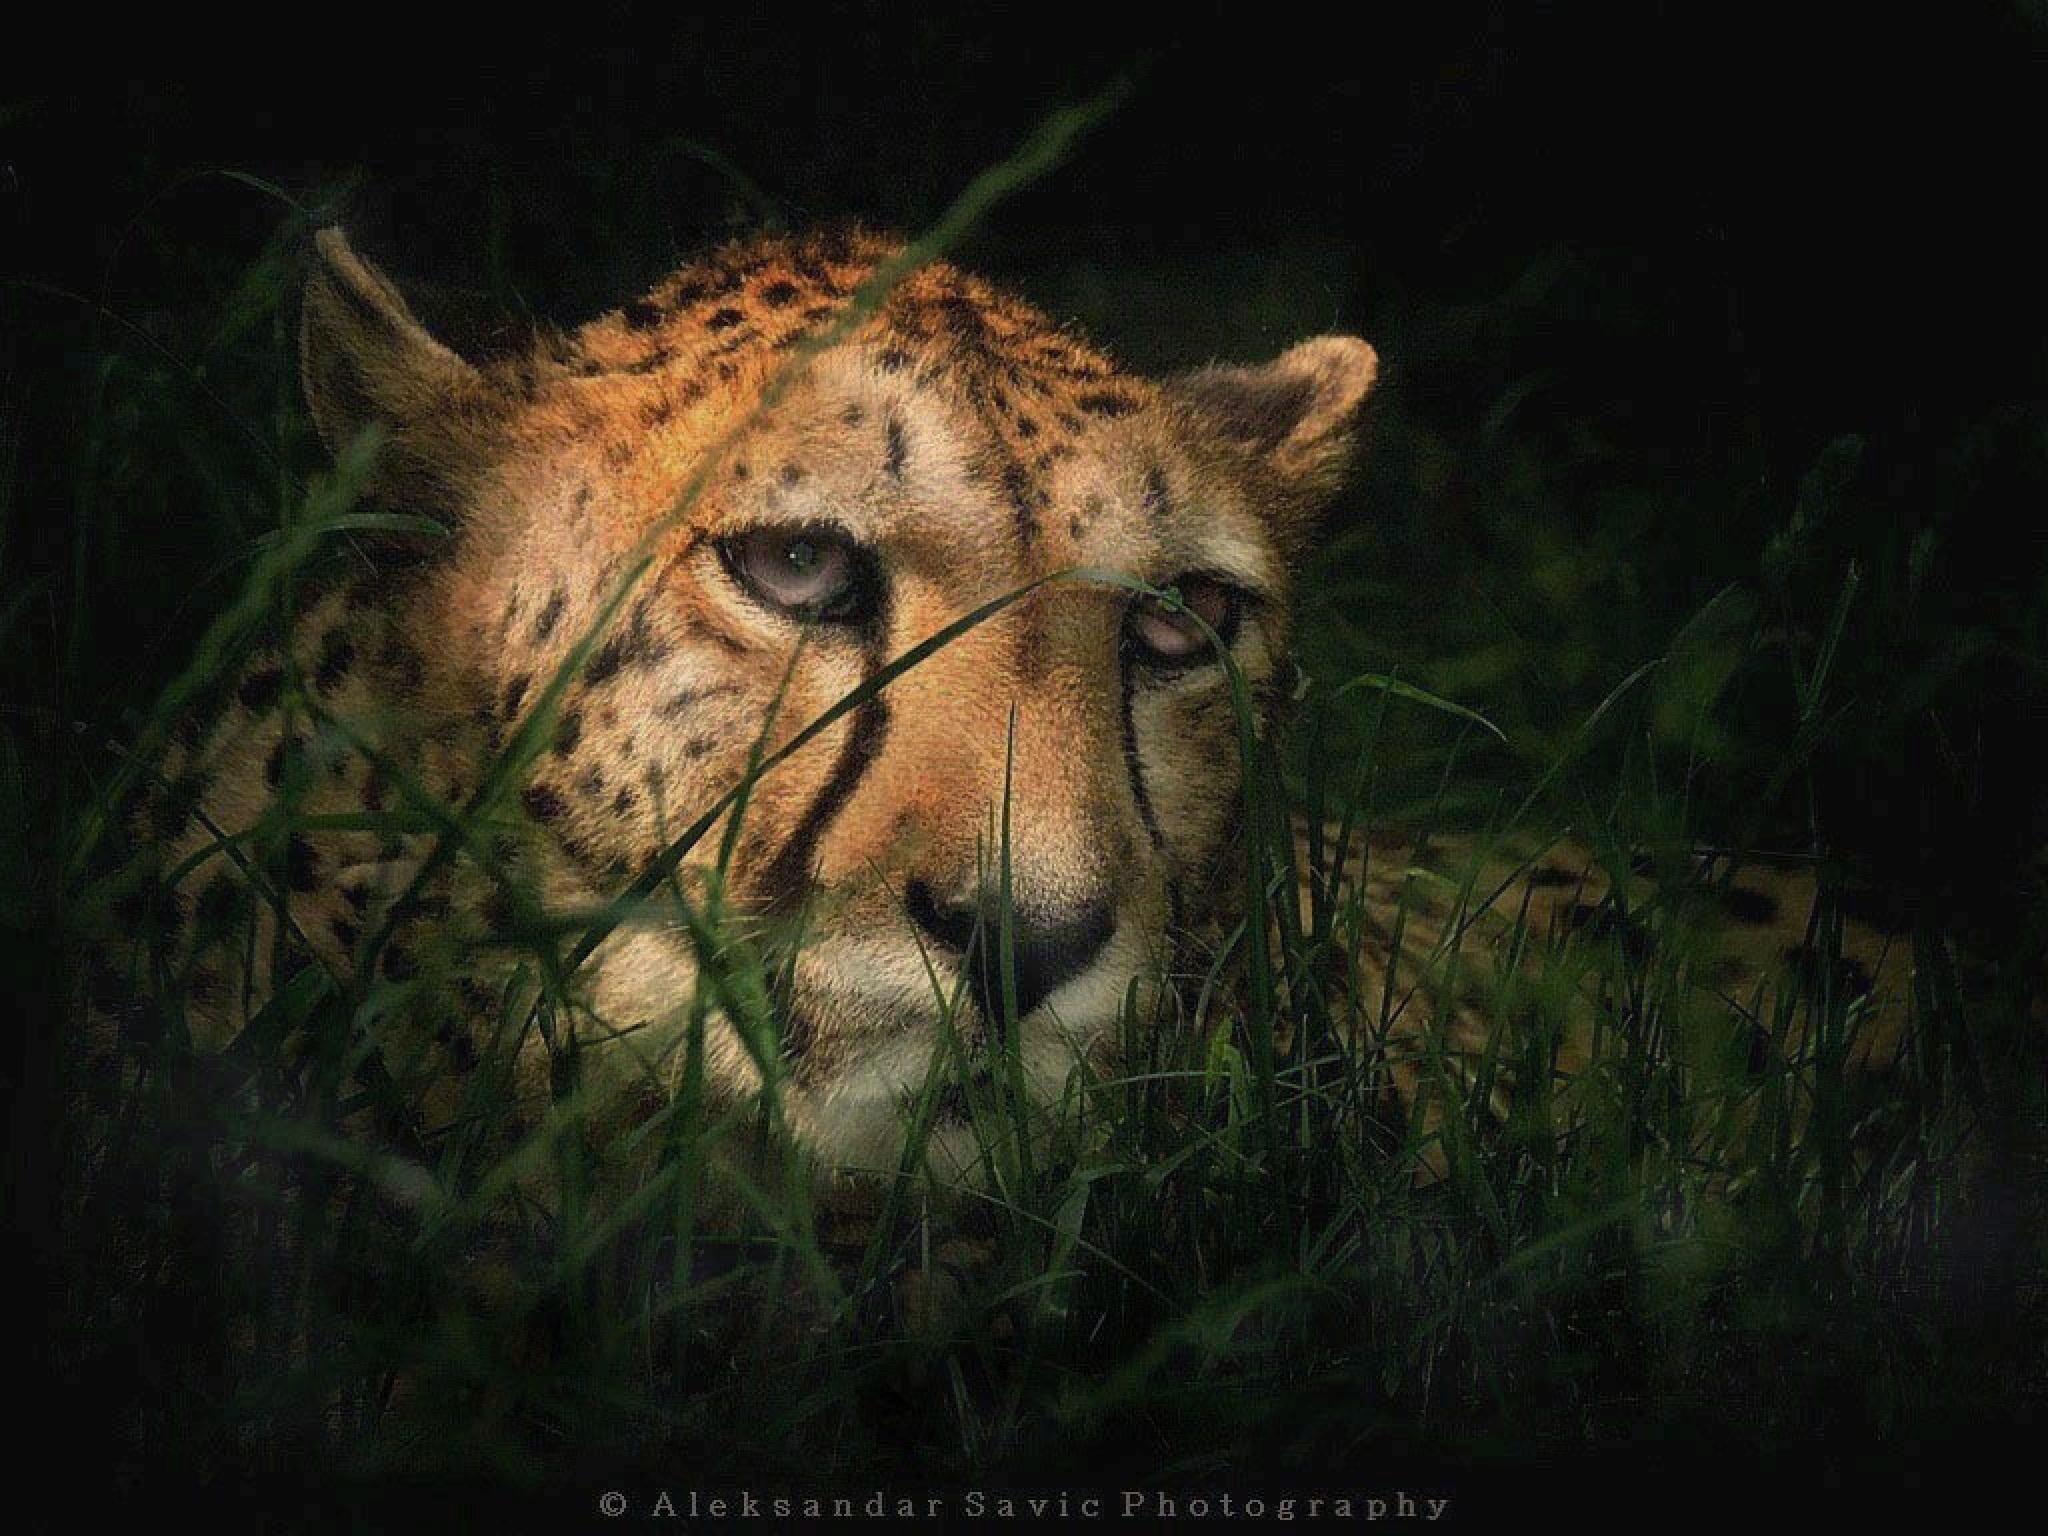 Cheetah by Aleksandar Savic